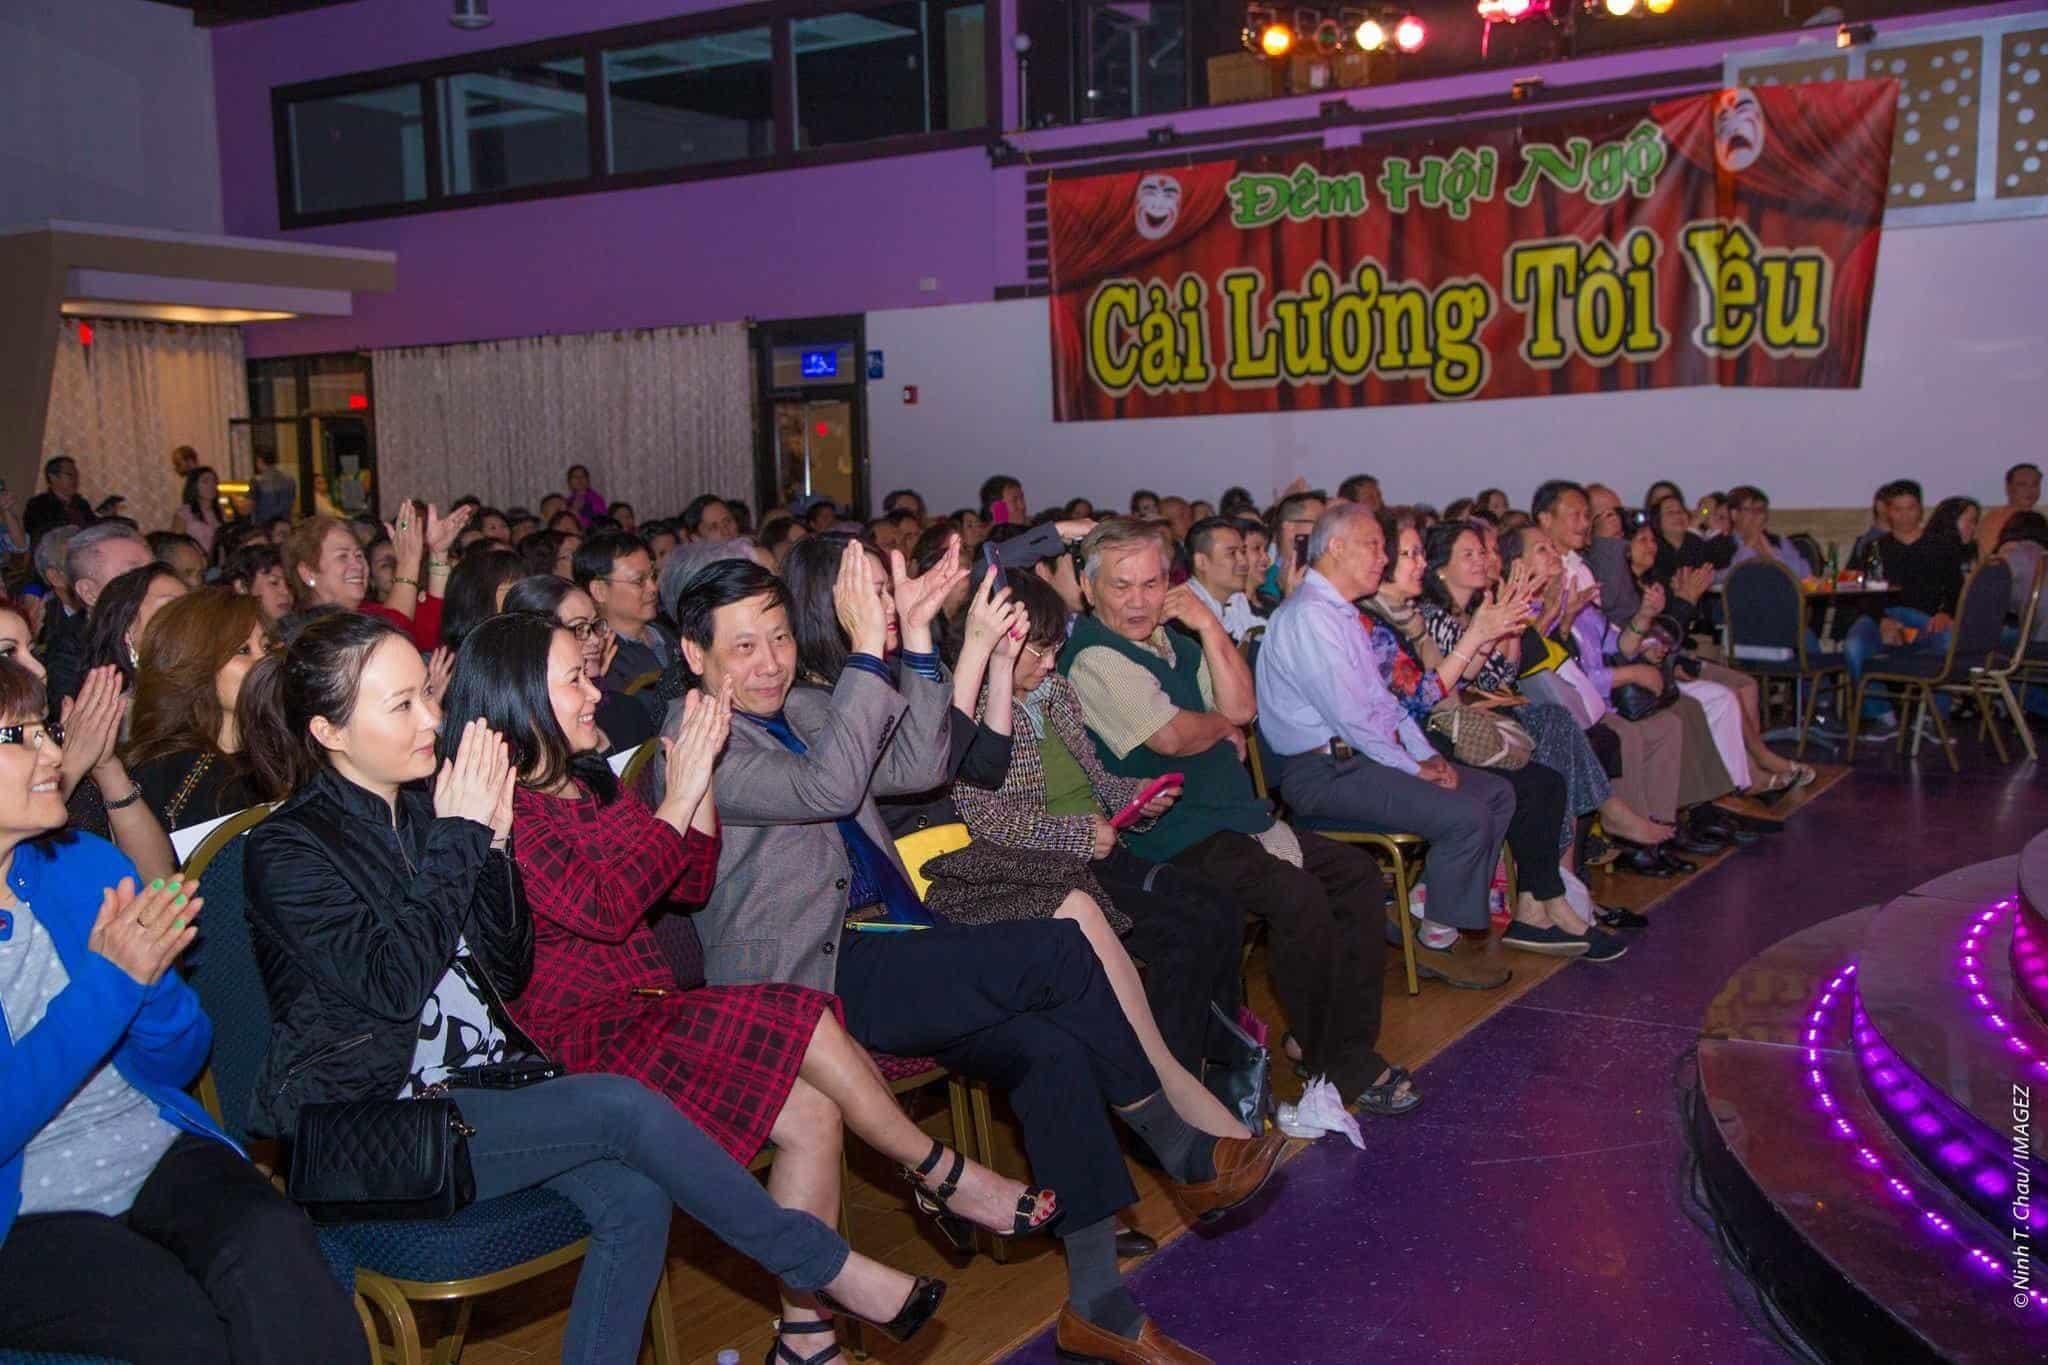 """Đông đảo khán giả tại Atlanta đến xem chương trình """"Cải lương tôi yêu"""" do Lê Đạt, Hồng Vân và Bảo Châu tổ chức"""